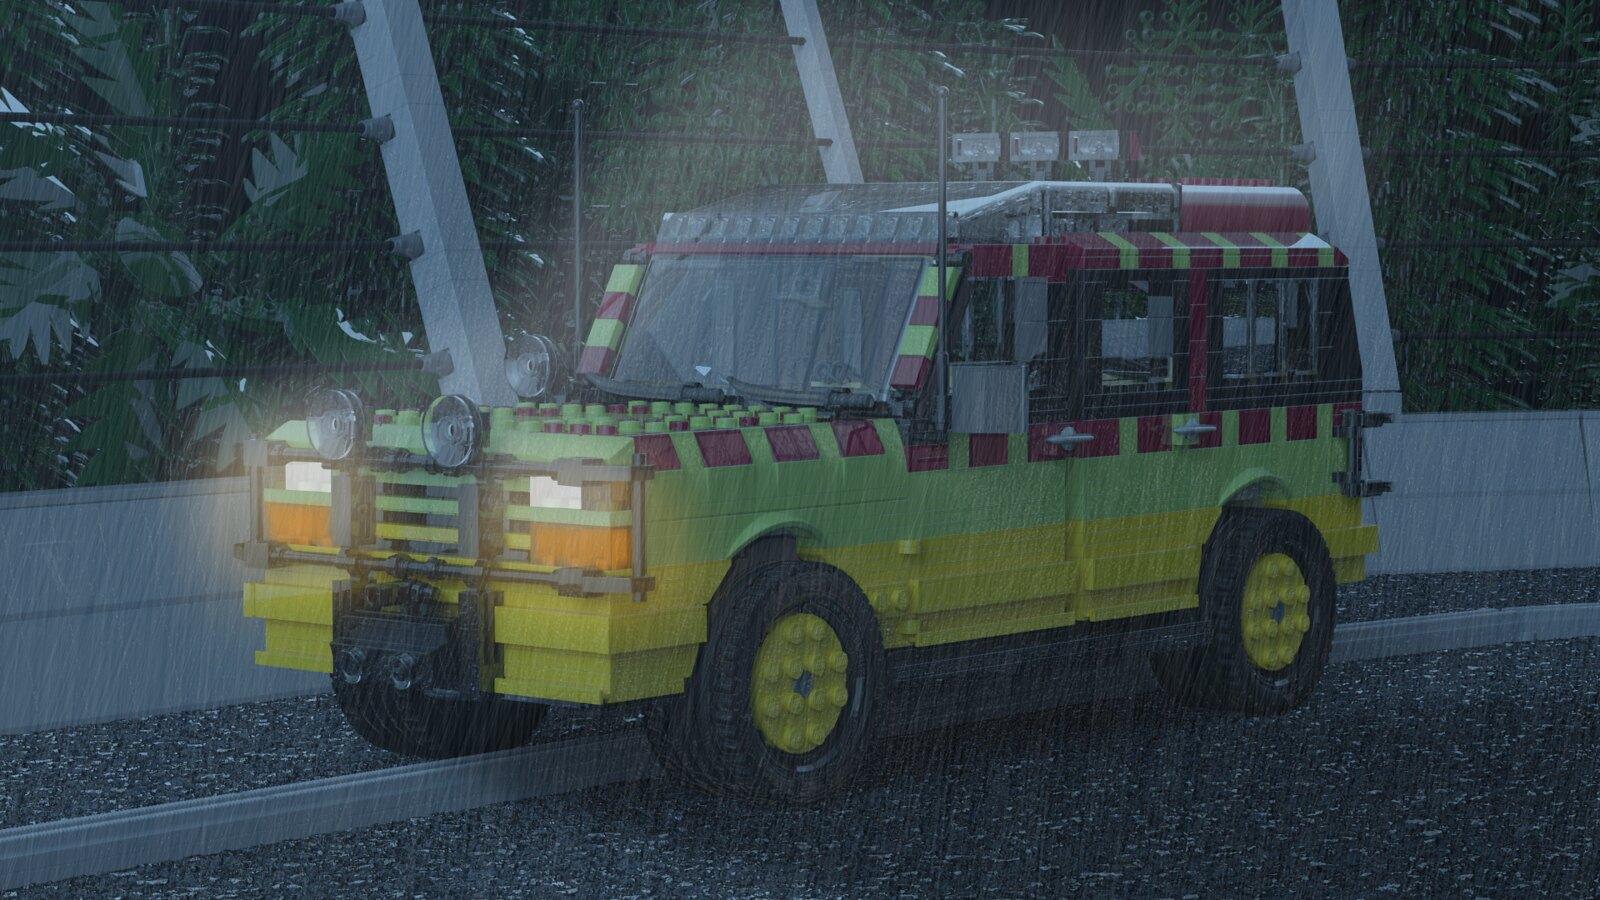 Parkpage Et Jouets Jurassic Lego 13FigurinesJeux c1TlFuKJ3